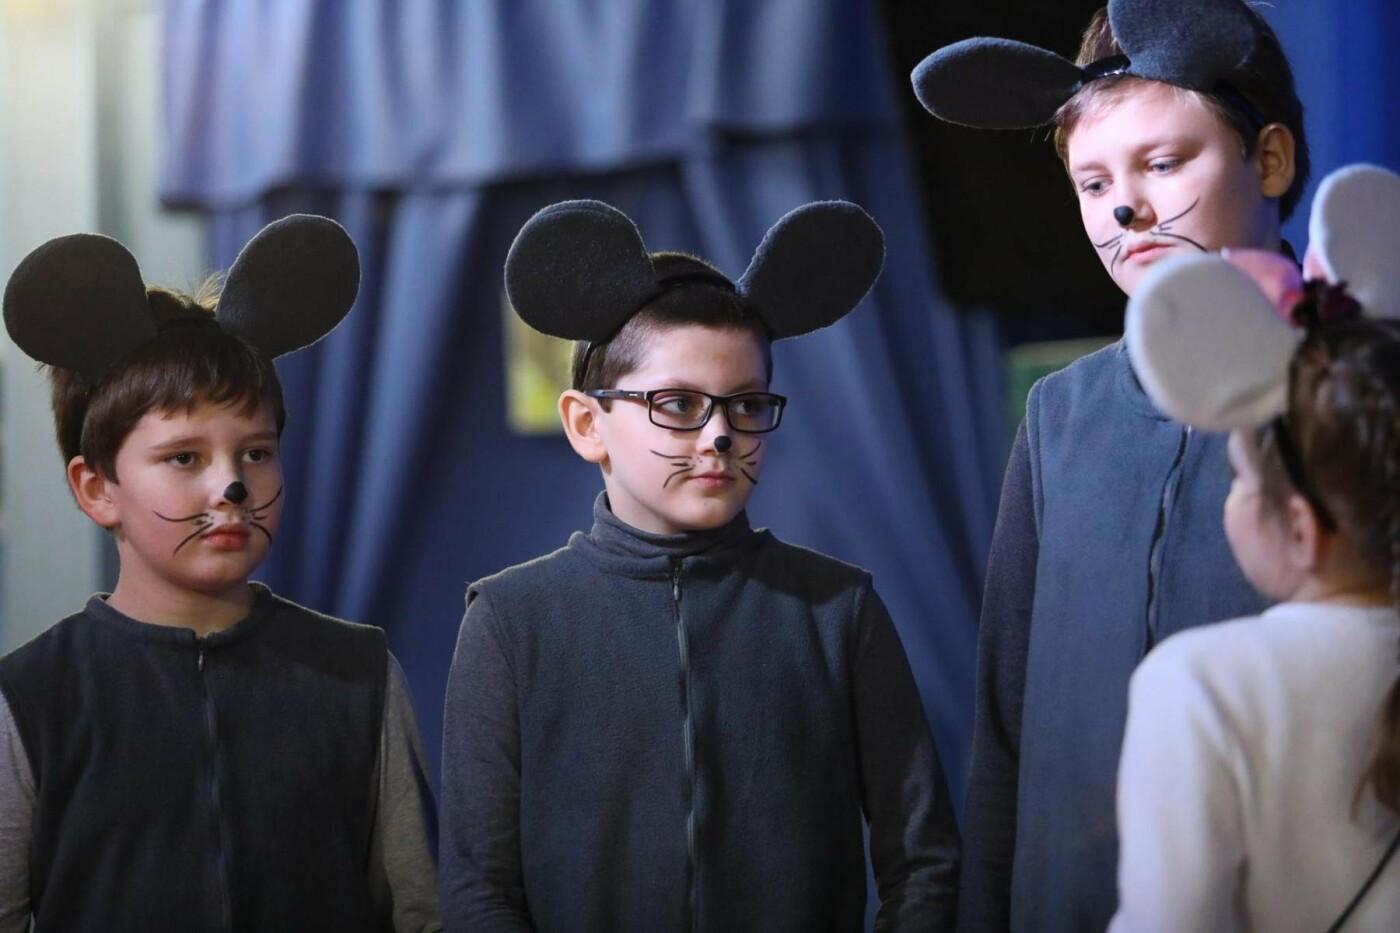 В Белгороде состоялась премьера инклюзивного спектакля «Приключения белой мышки», фото-9